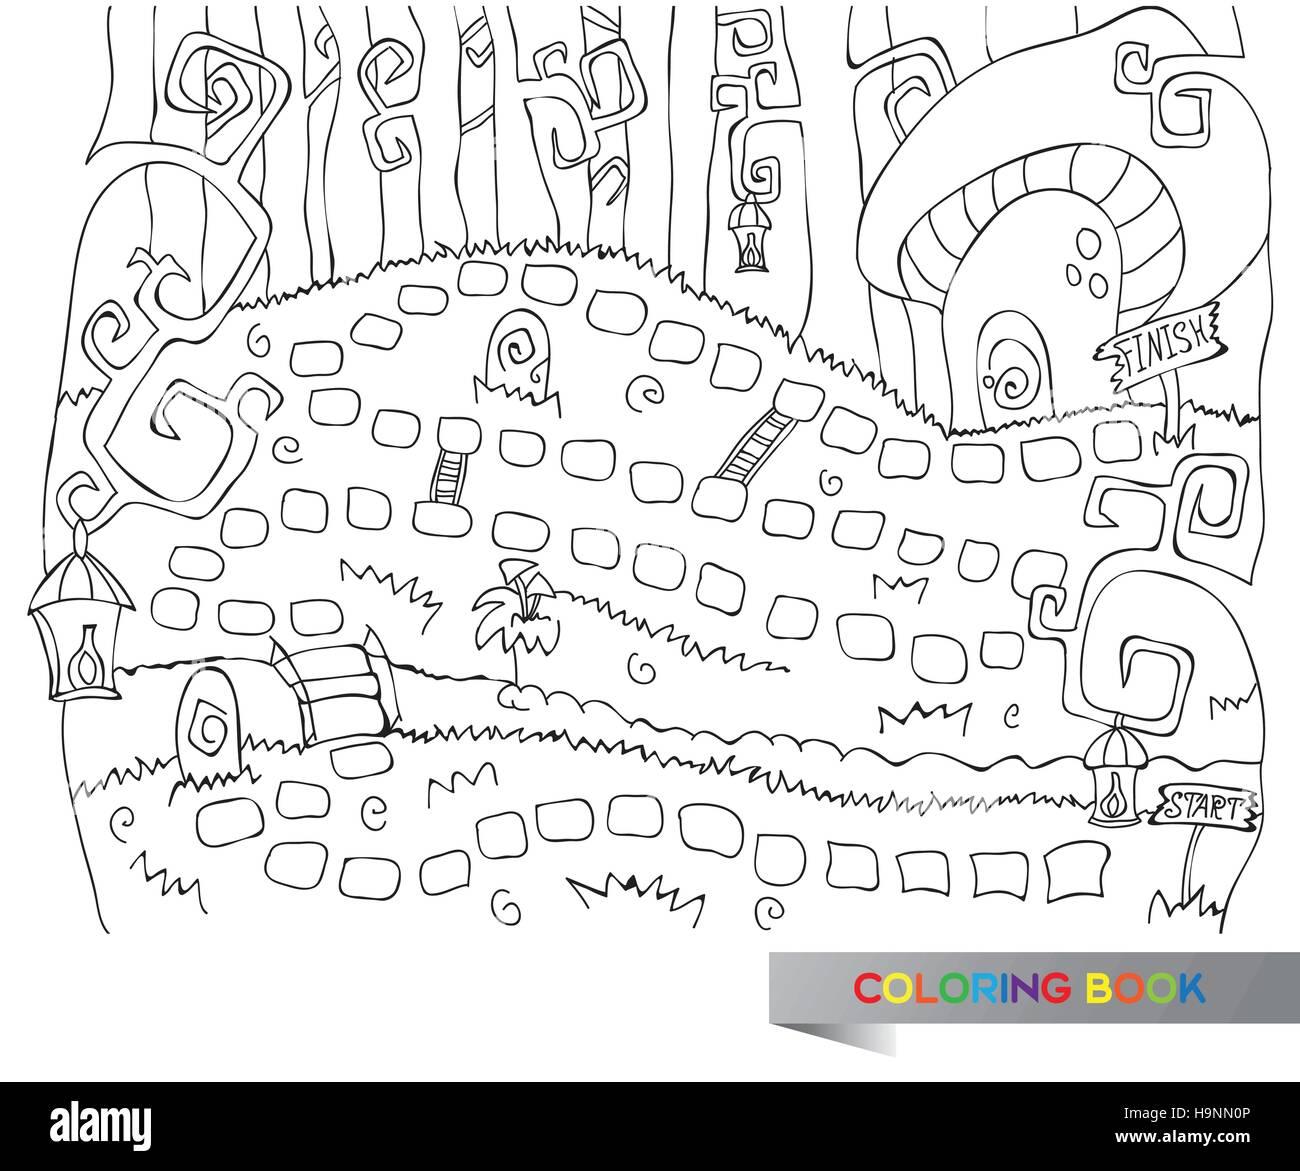 Gioco Da Colorare Per Bambini.Illustrazione Vettoriale Di Gioco Da Tavolo Per Bambini Libro Da Colorare Immagine E Vettoriale Alamy